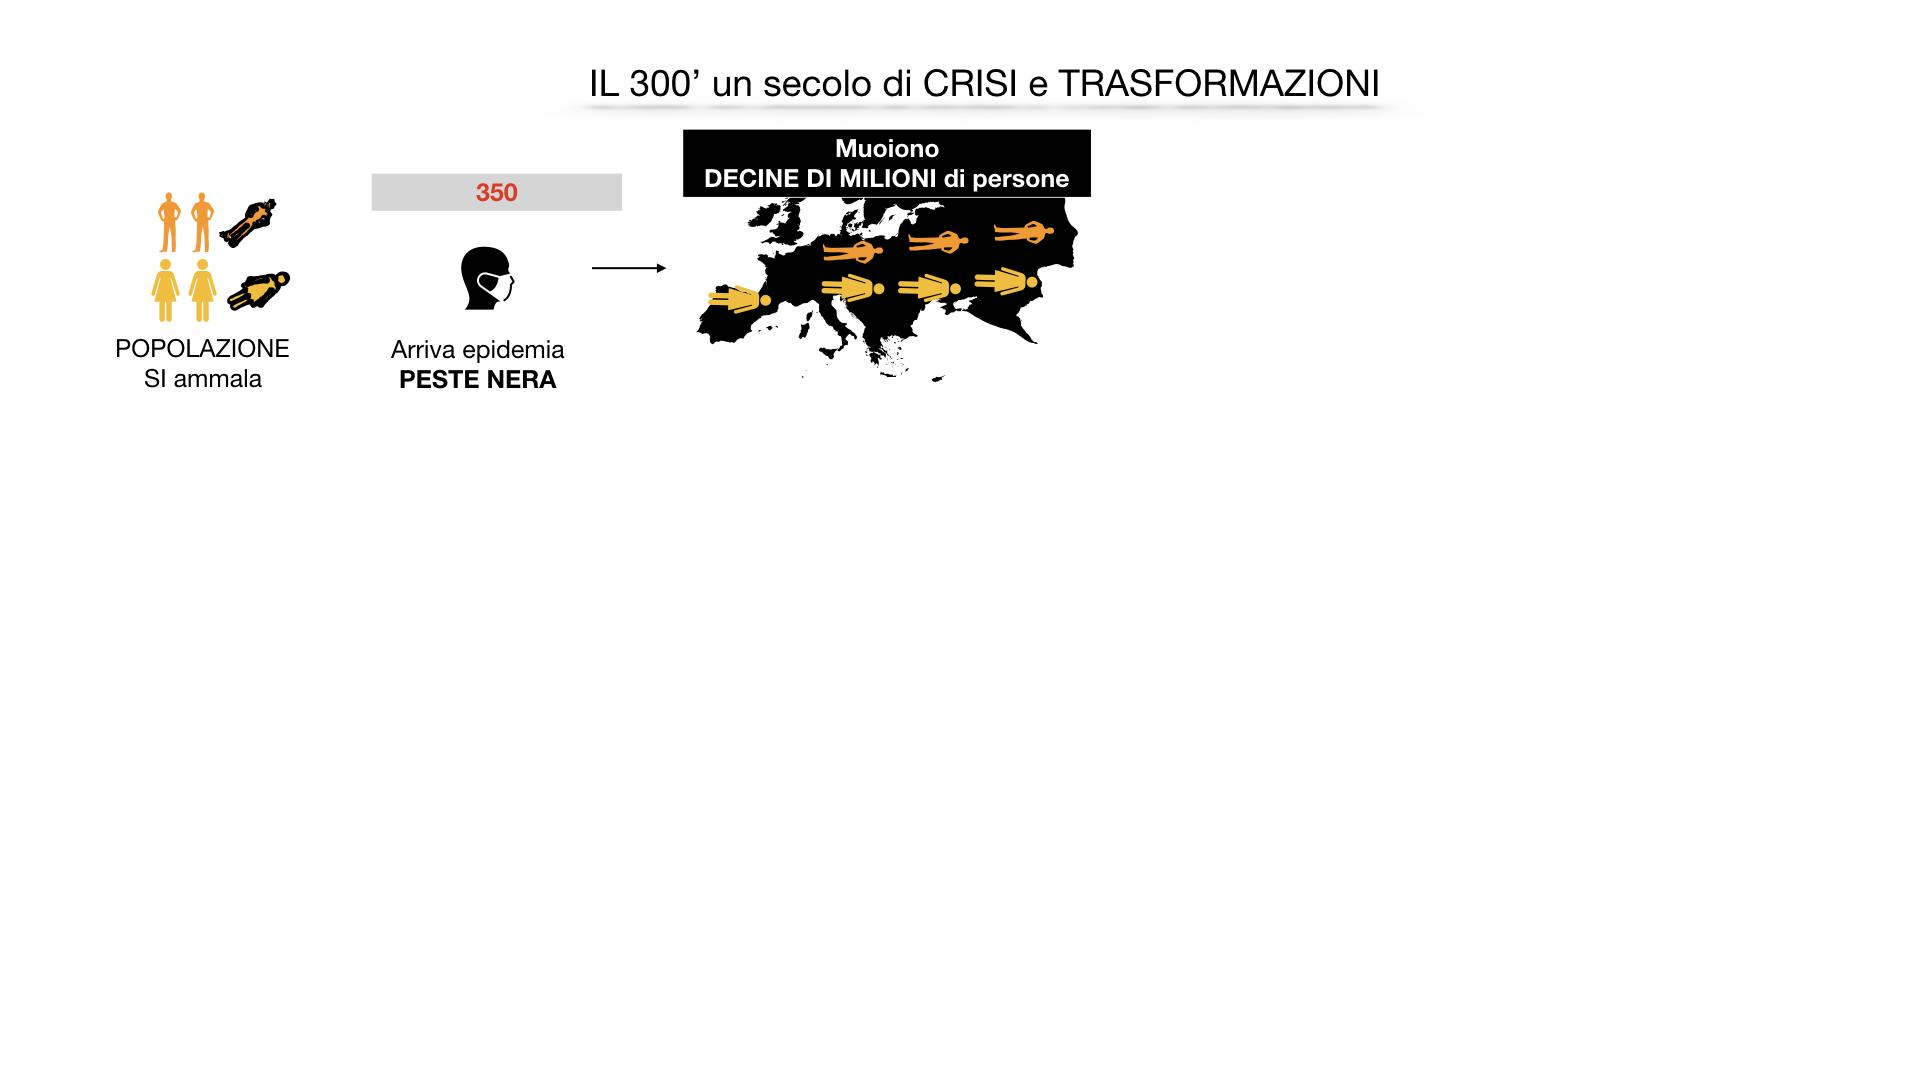 il 300 crisi e trasformazioni_ SIMULAZIONE.019